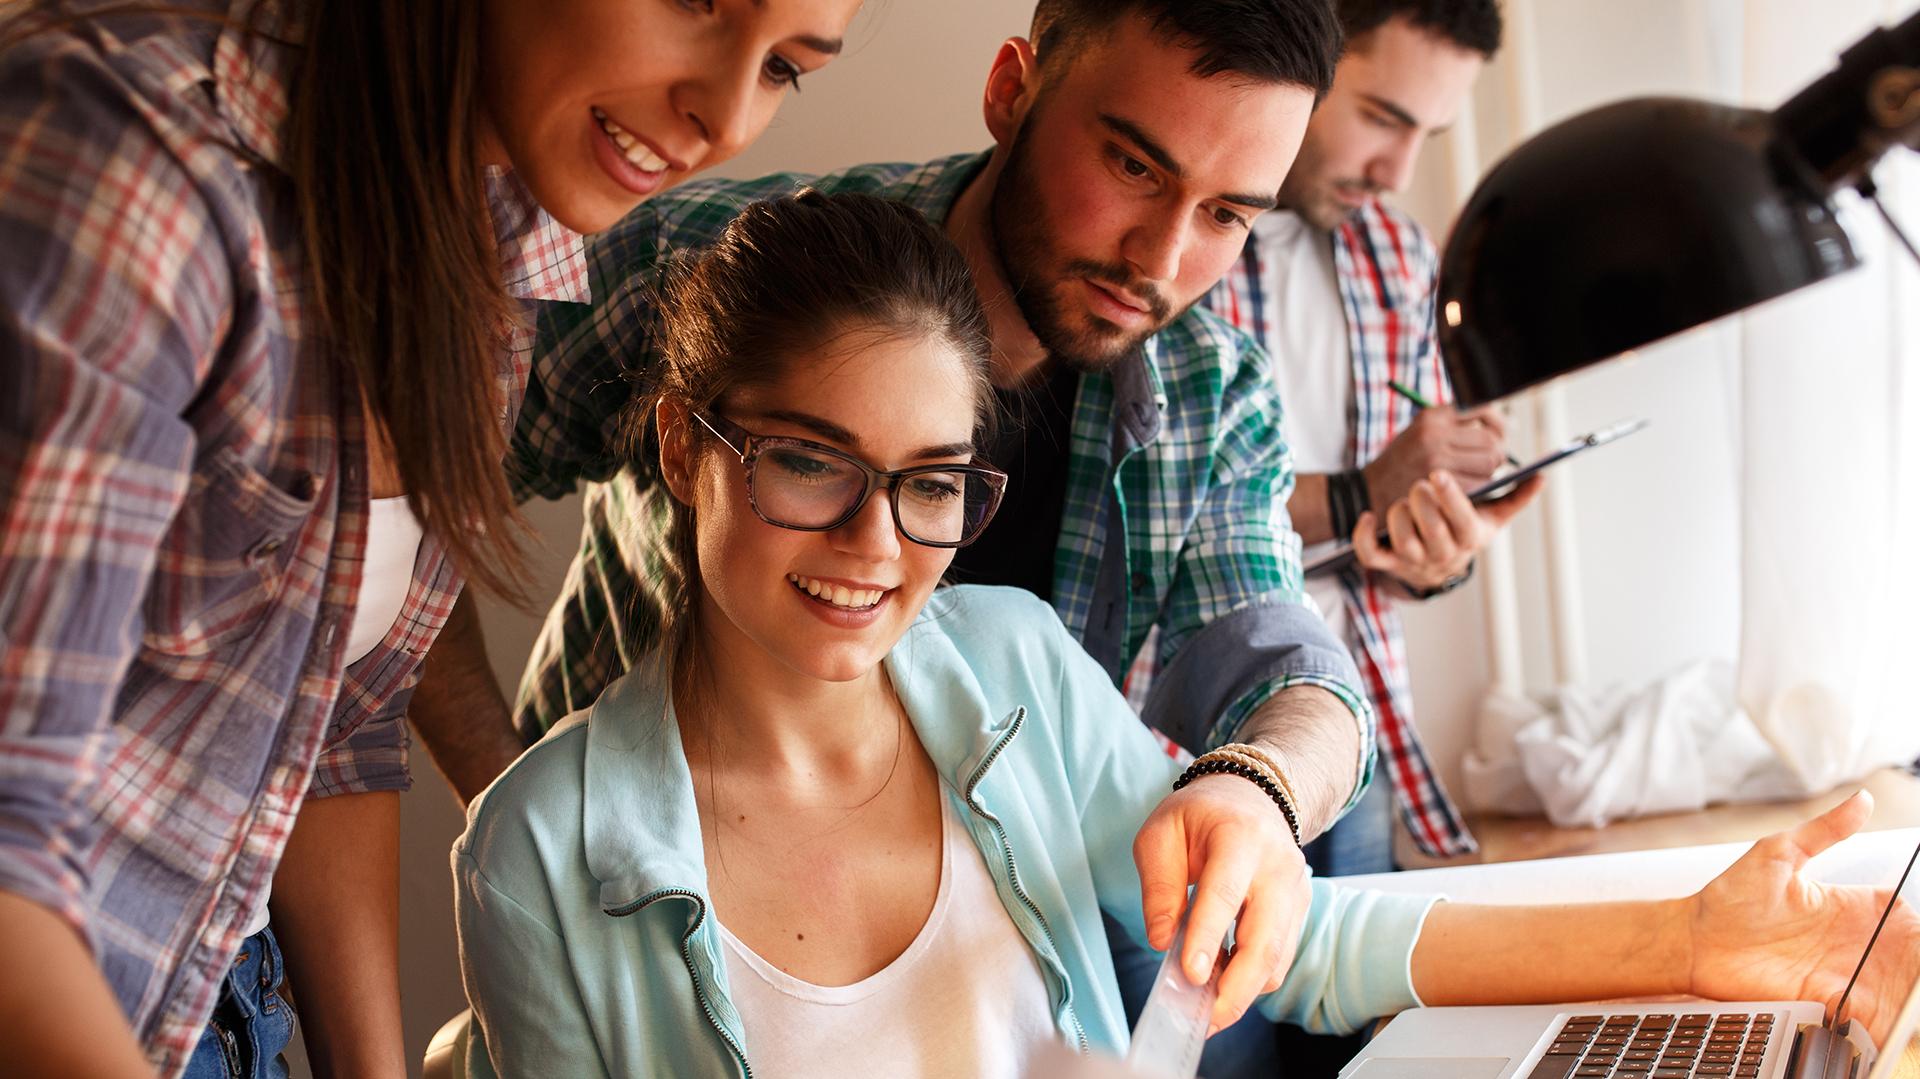 El mercado del coworking deberá continuar enfrentando estos desafíos y adaptándose a los requerimientos de las grandes empresas